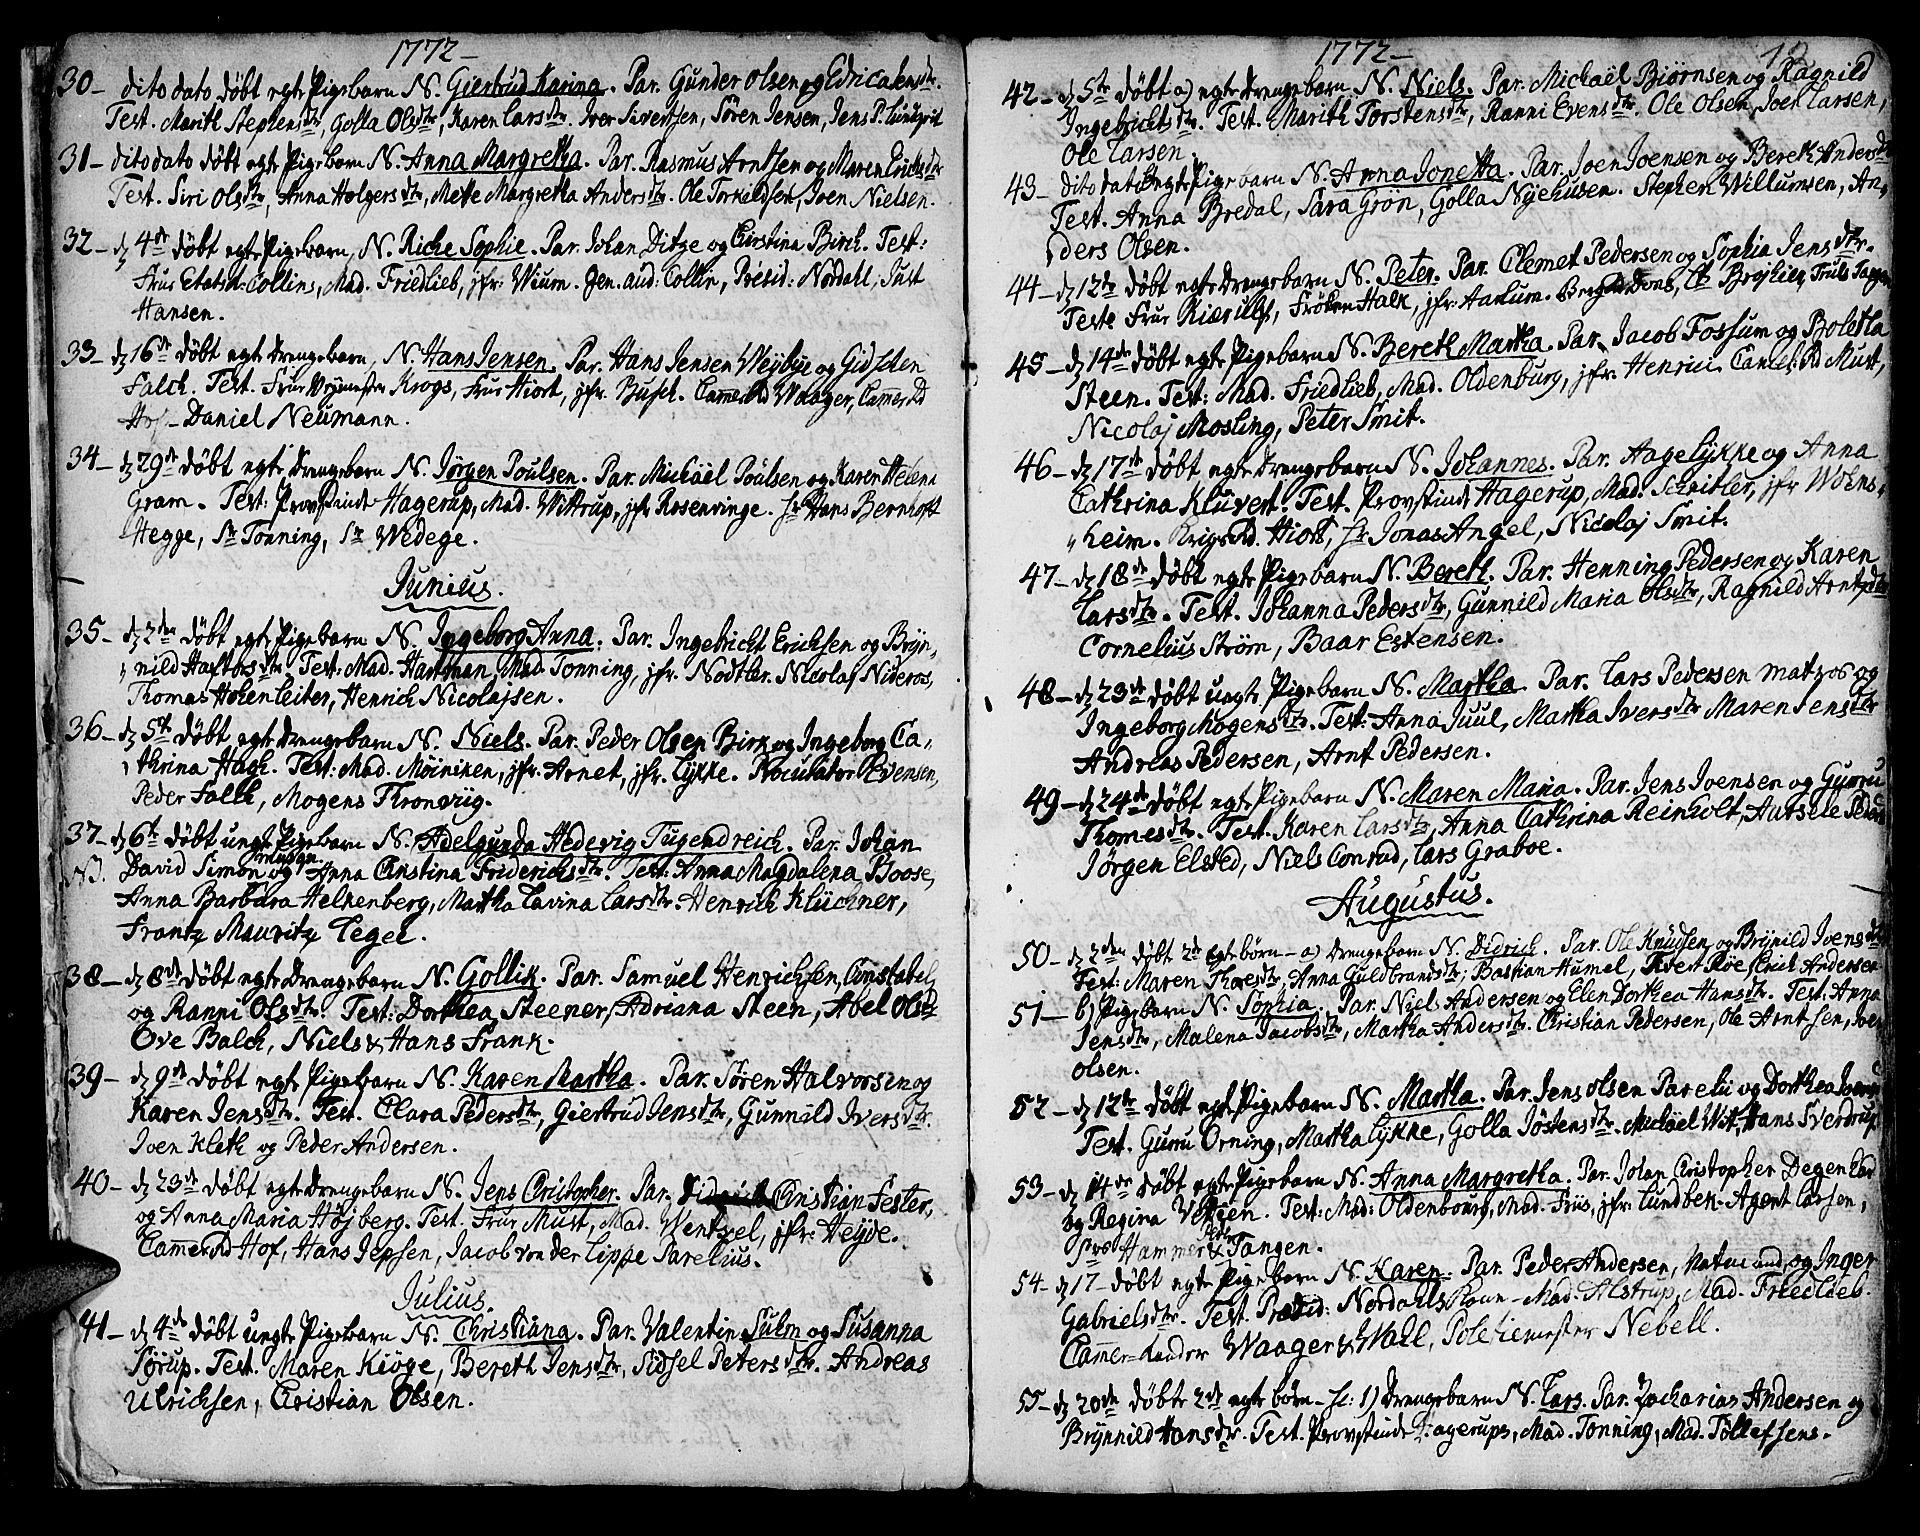 SAT, Ministerialprotokoller, klokkerbøker og fødselsregistre - Sør-Trøndelag, 601/L0039: Ministerialbok nr. 601A07, 1770-1819, s. 12